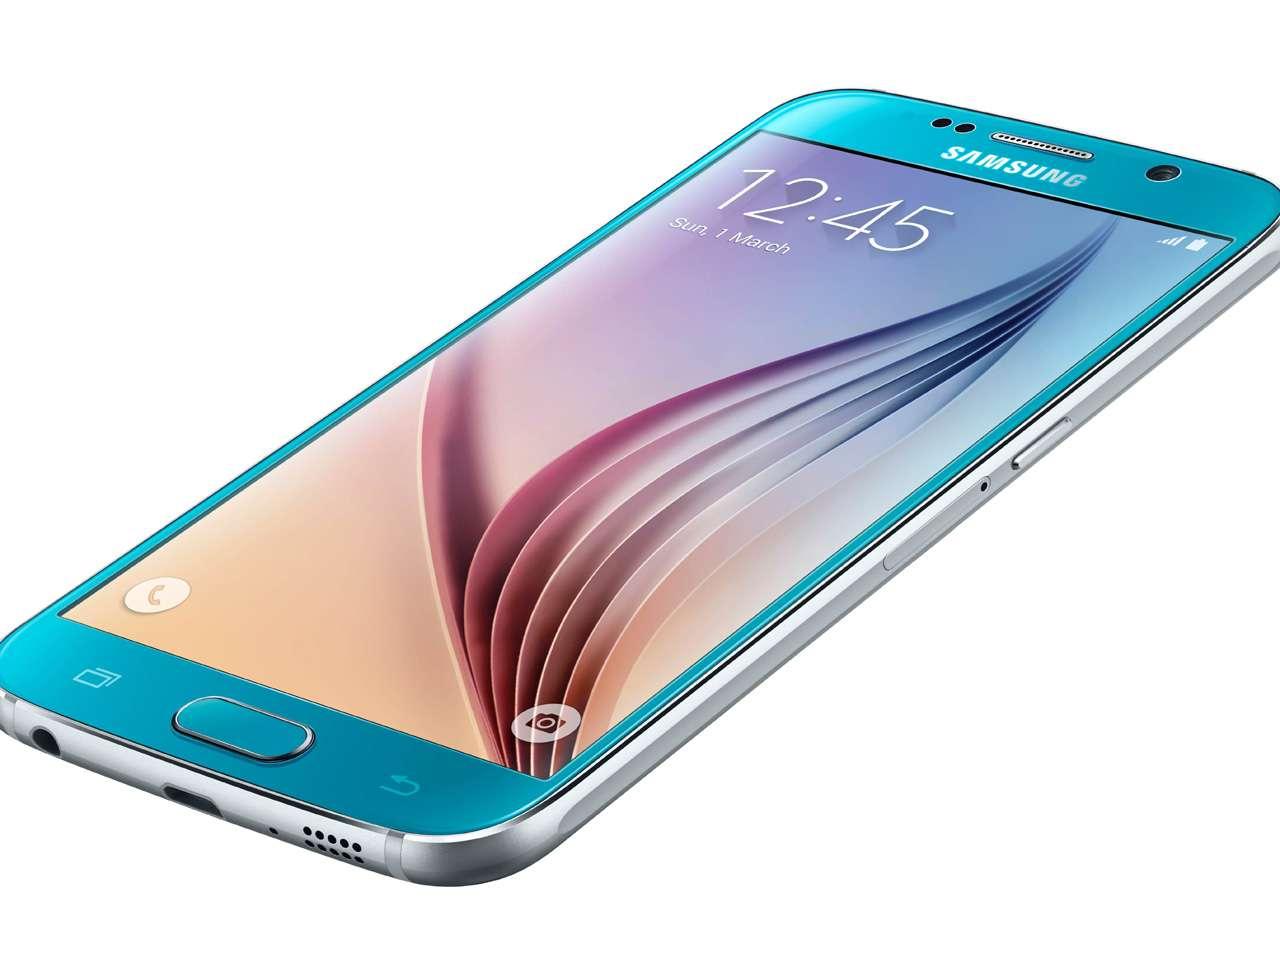 El directivo de Samsung destacó el nuevo diseño con bordes metálicos y una tapa de cristal trasera Foto: Samsung